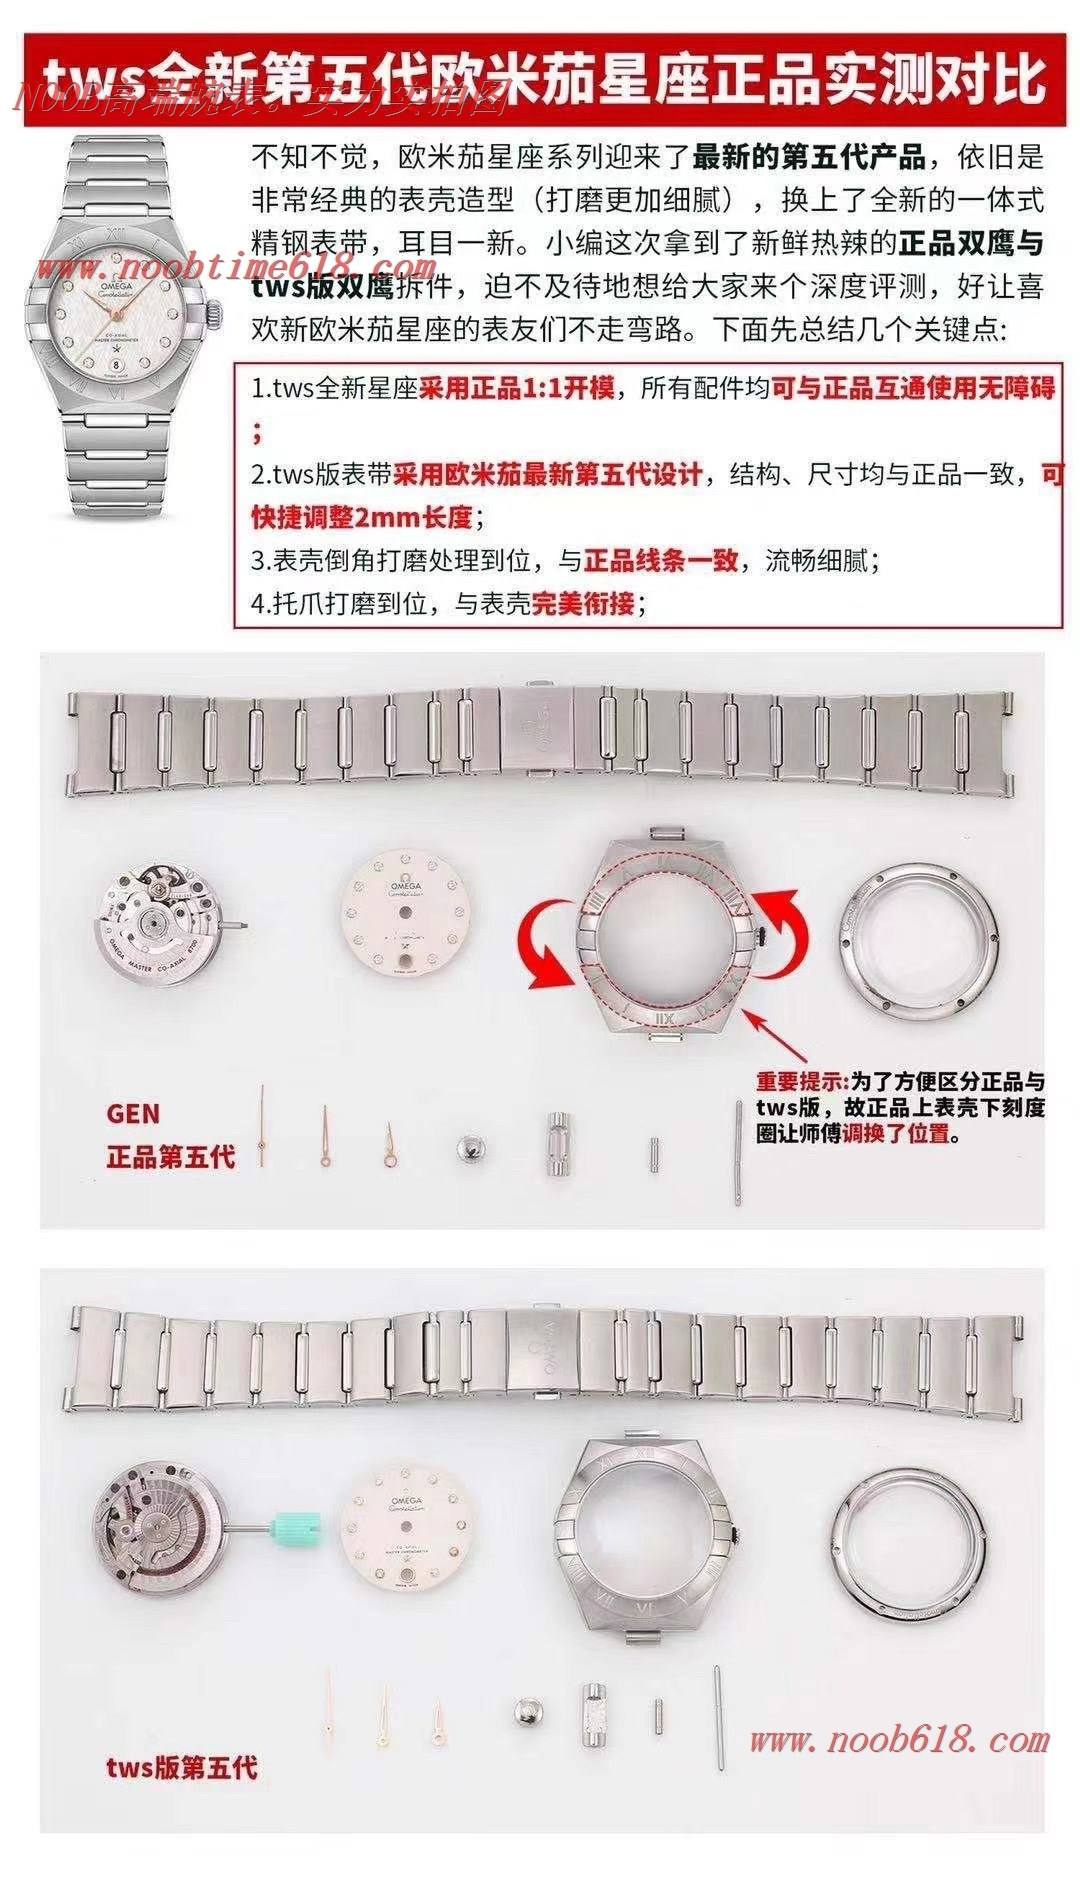 仿錶第五代歐米茄星座曼哈頓29mm女款,N廠手錶 TWS Factory